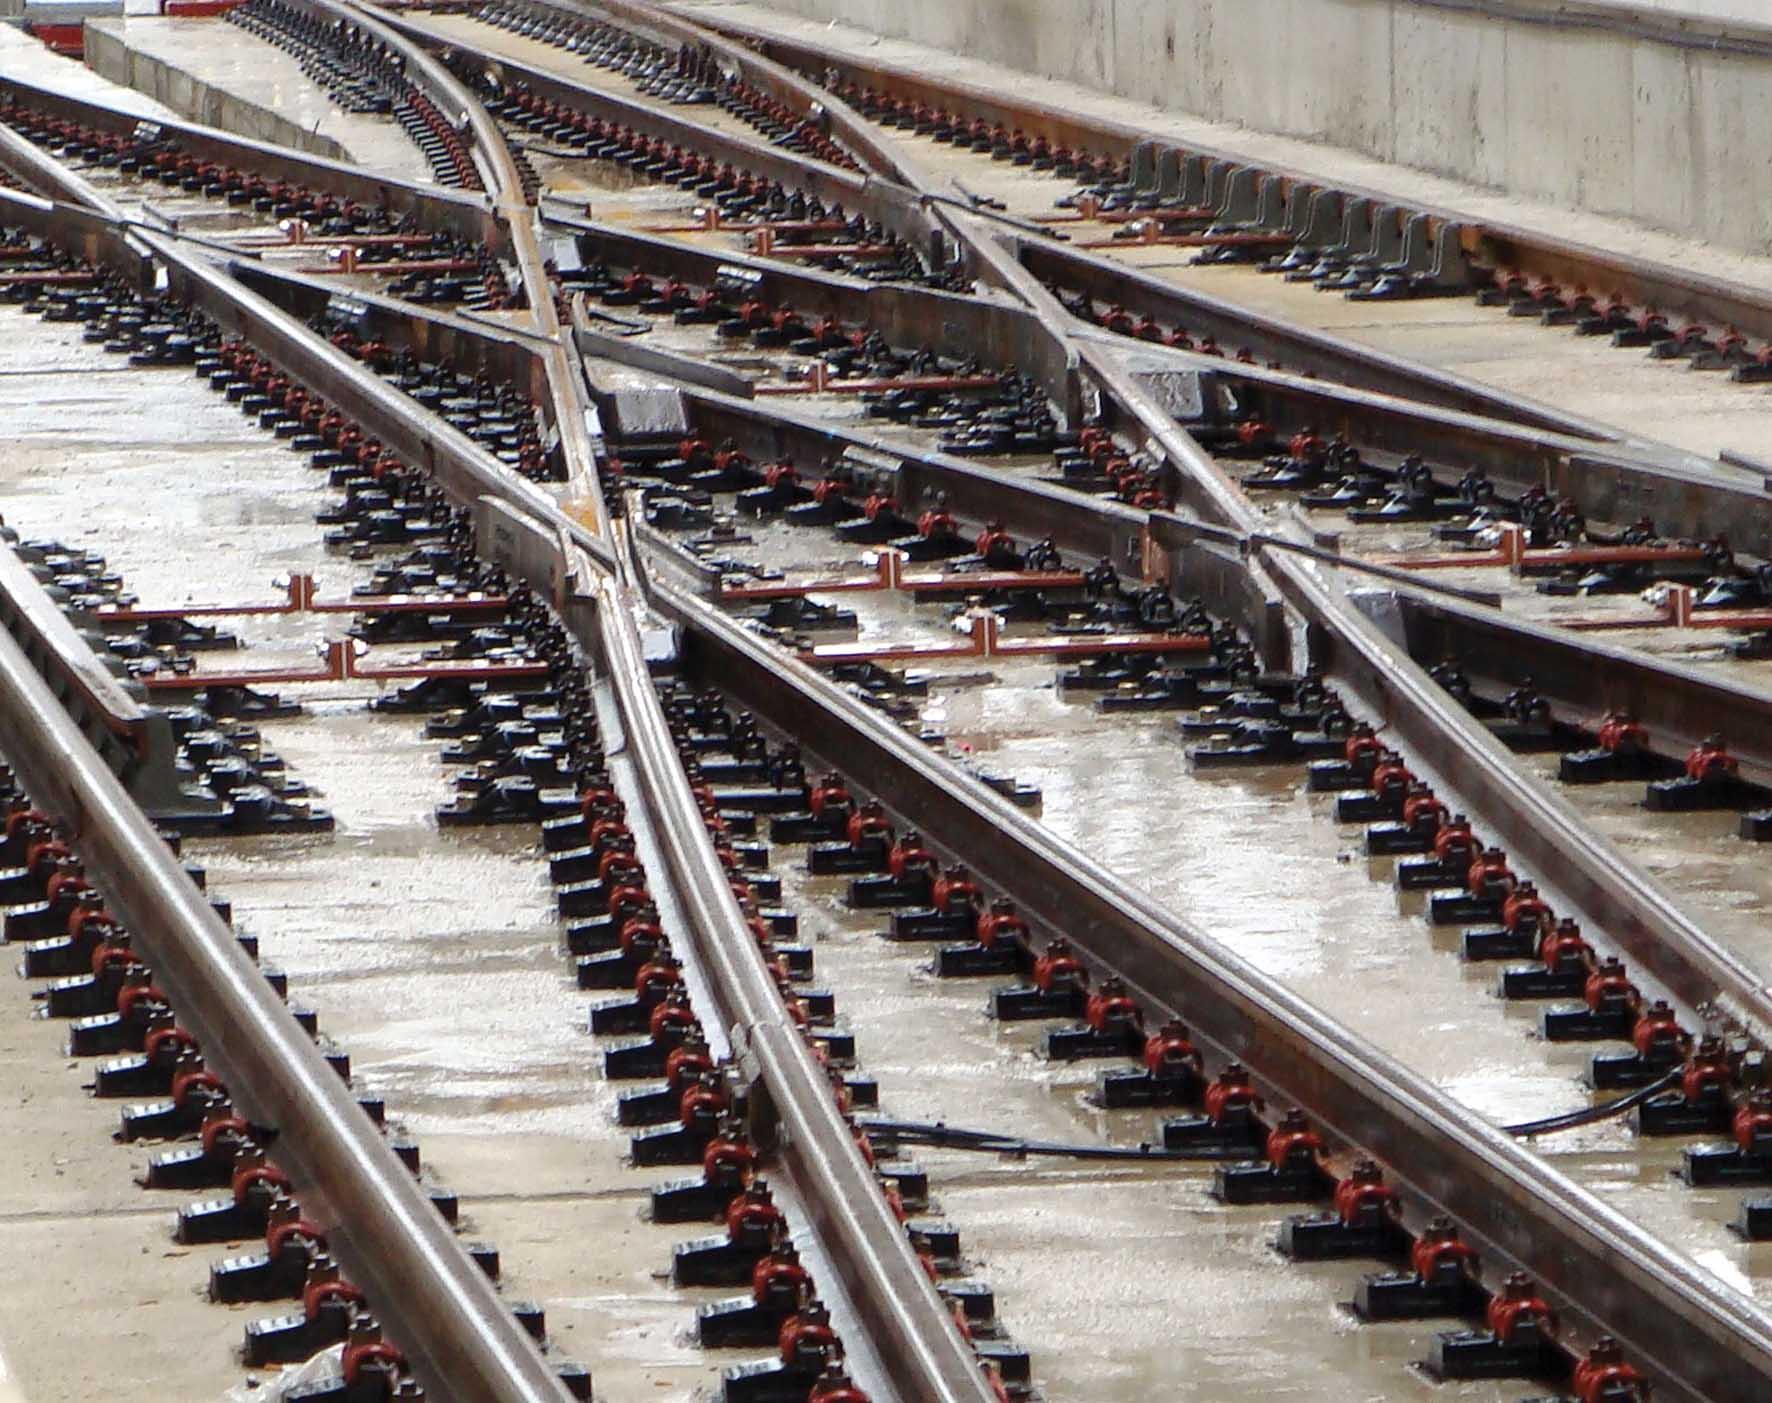 ferrovia del brennero Tav Brescia-Verona-Padova binari ferroviari ferrovia scambi 1